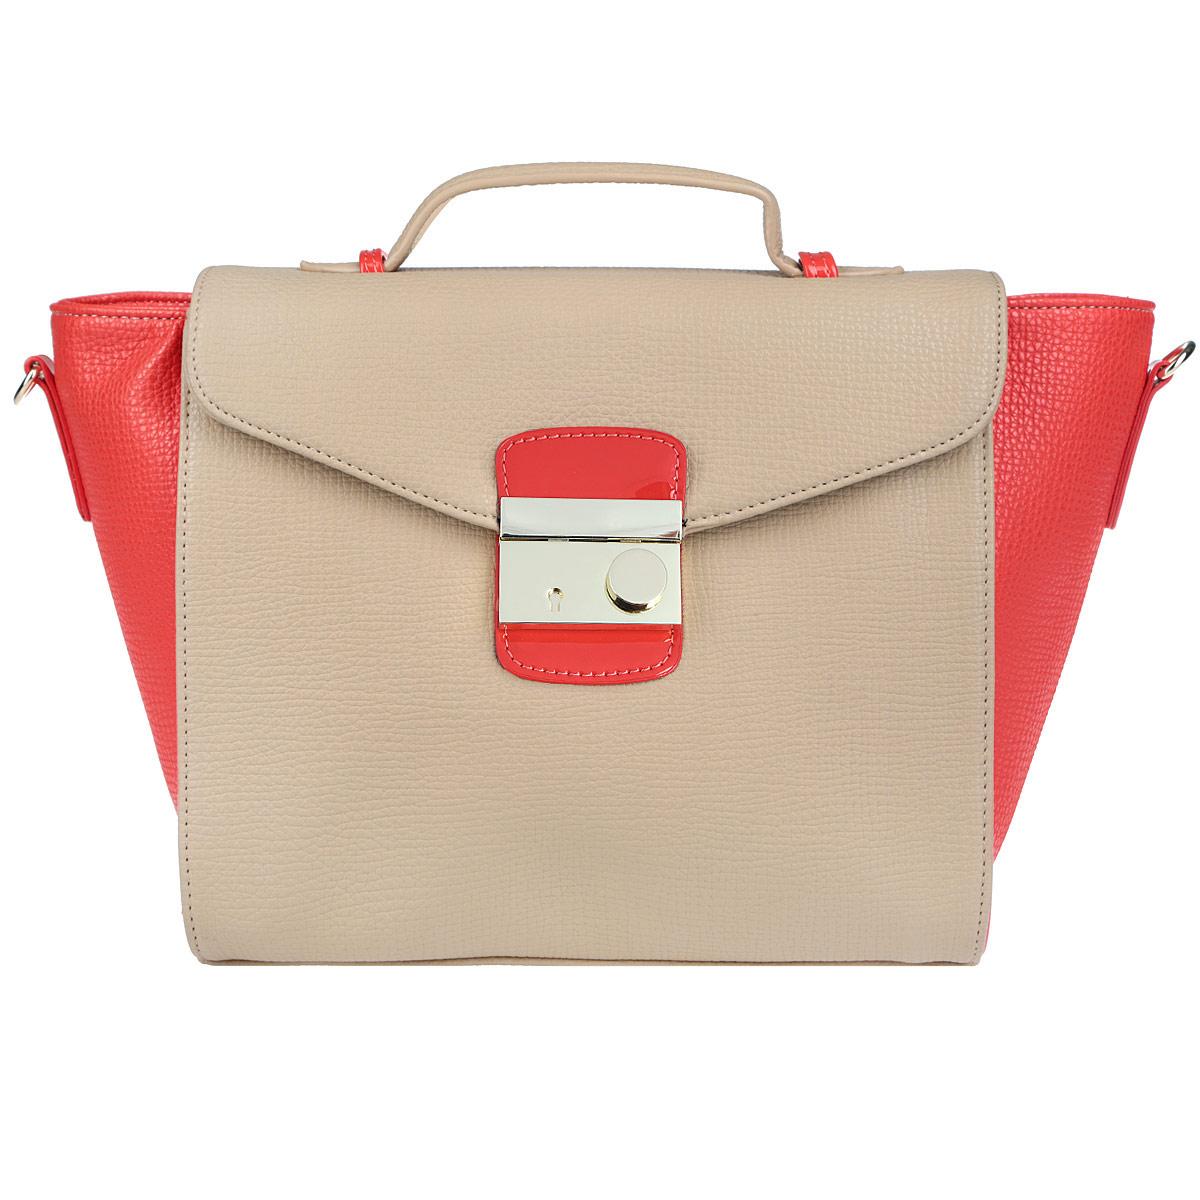 Сумка женская Vitacci, цвет: красный, бежевый. V0780V0780Изысканная женская сумка Vitacci изготовлена из эко кожи. Изделие закрывается на удобную застежку-молнию и дополнительно клапаном на застежку. Внутри - одно вместительное отделение, несколько накладных карманчиков для мелочей, телефона, накладной карманчик на застежке-молнии и врезной карманчик на застежке-молнии. Задняя сторона сумки дополнена плоским карманом, закрывающимся сверху небольшим хлястиком на магнитную кнопку. Дно дополнено металлическими ножками, защищающими изделие от повреждений. На клапане - небольшая ручка для удобного ношения сумки в руках. Также модель дополнена съемным плечевым ремнем, регулирующимся по длине. Изделие упаковано в фирменный чехол. Роскошная сумка внесет элегантные нотки в ваш образ и подчеркнет ваше отменное чувство стиля.